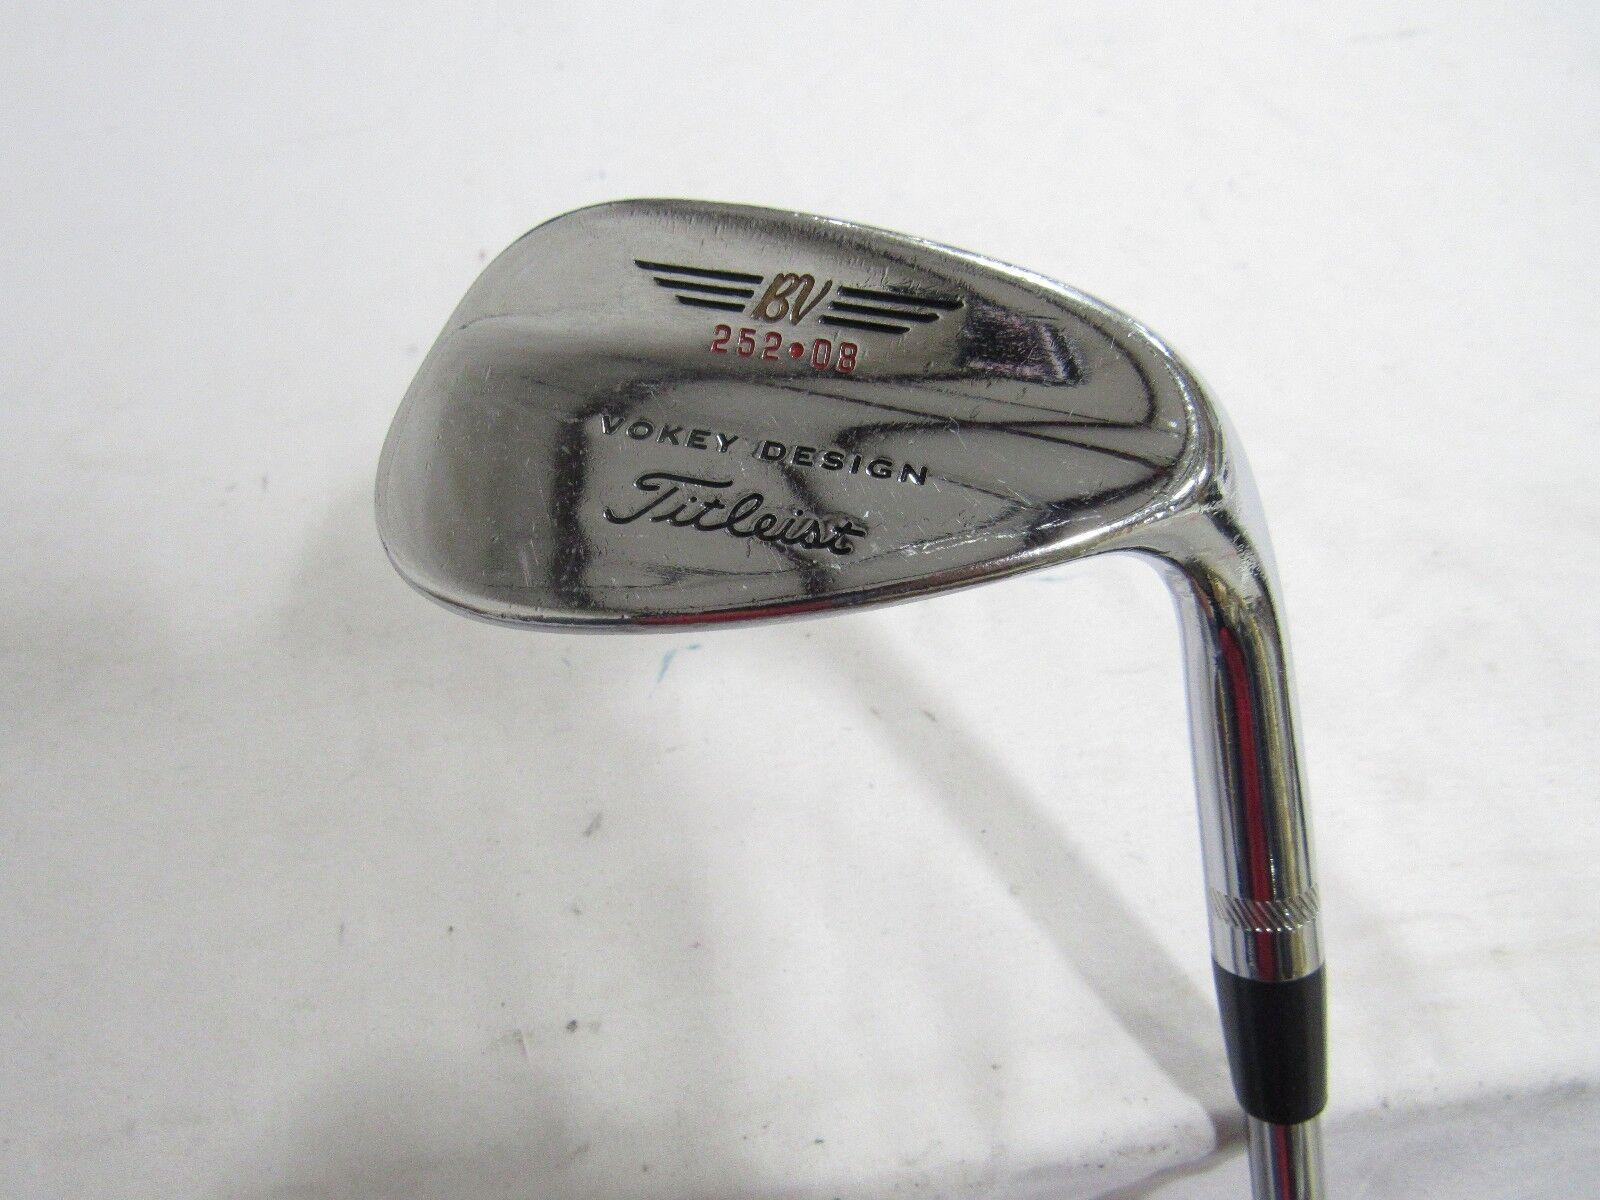 Titleist Vokey Design 200 Series 52 Gap Wedge 252.08 DG Wedge flex Steel RH